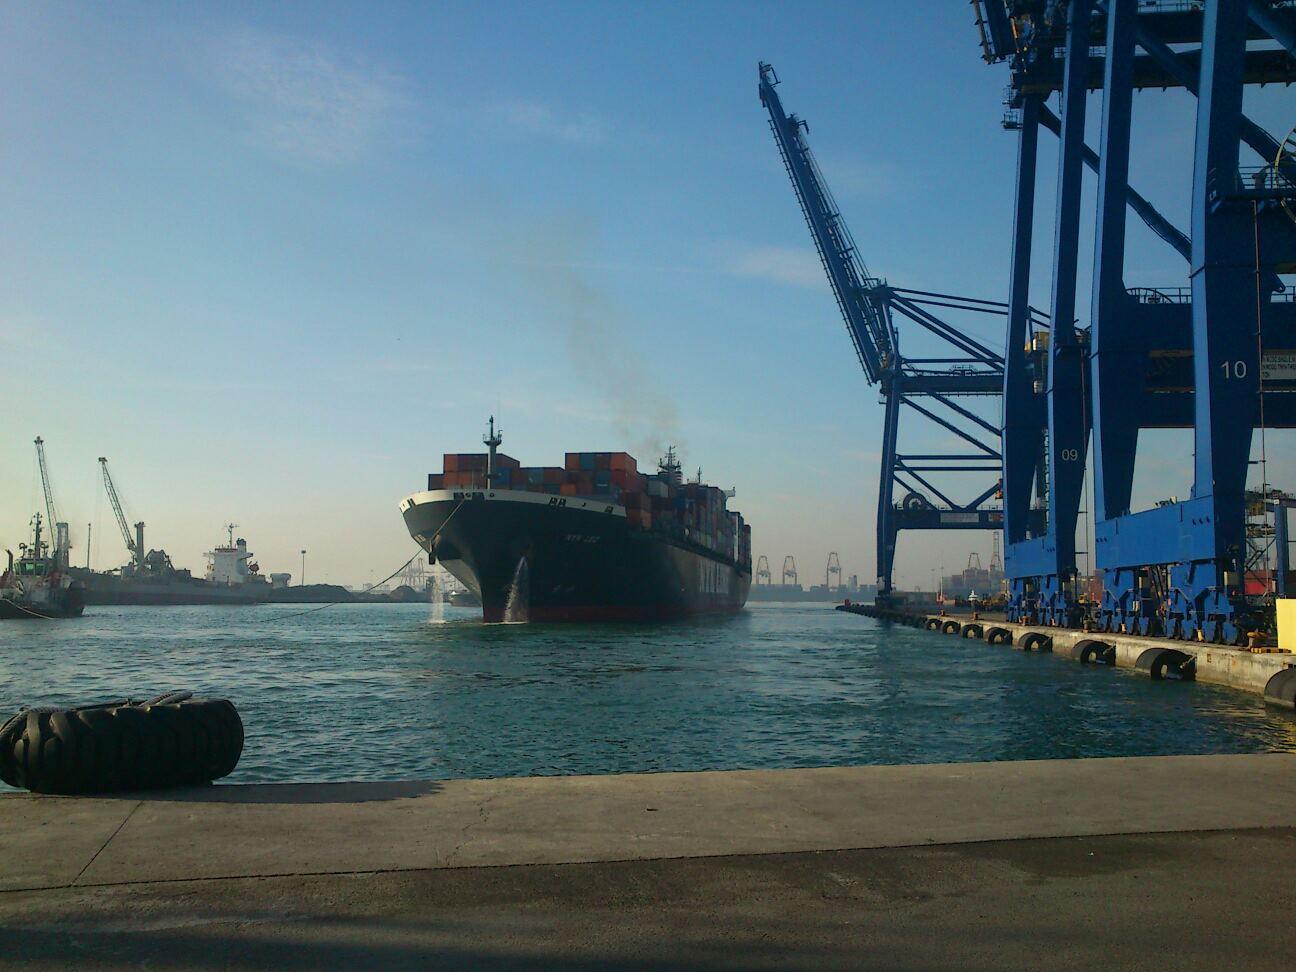 Cossetrans Logistic